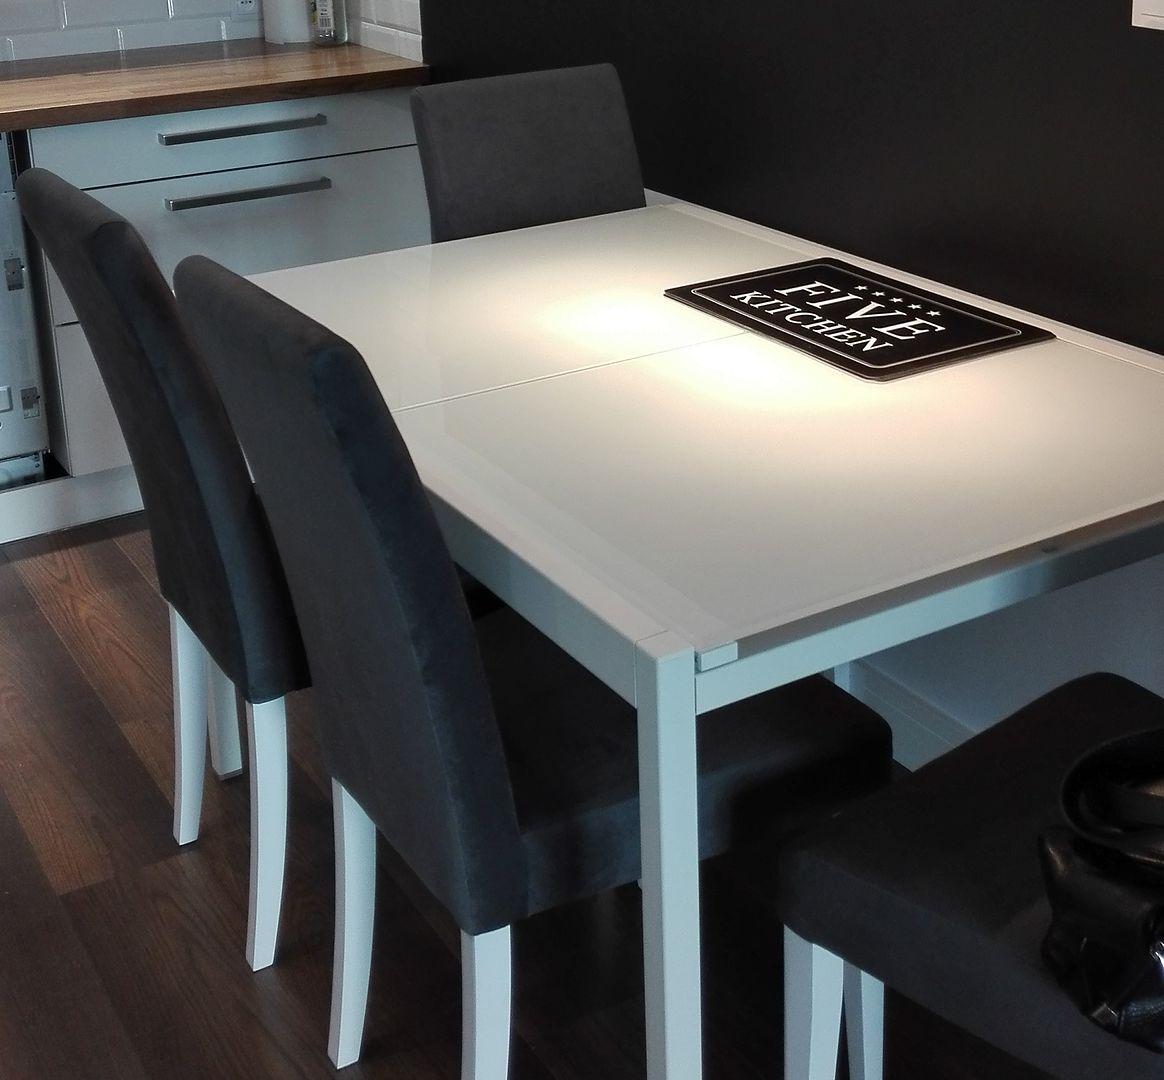 IKEA prosi klientów o zwrot popularnego stołu. Chodzi o bezpieczeństwo